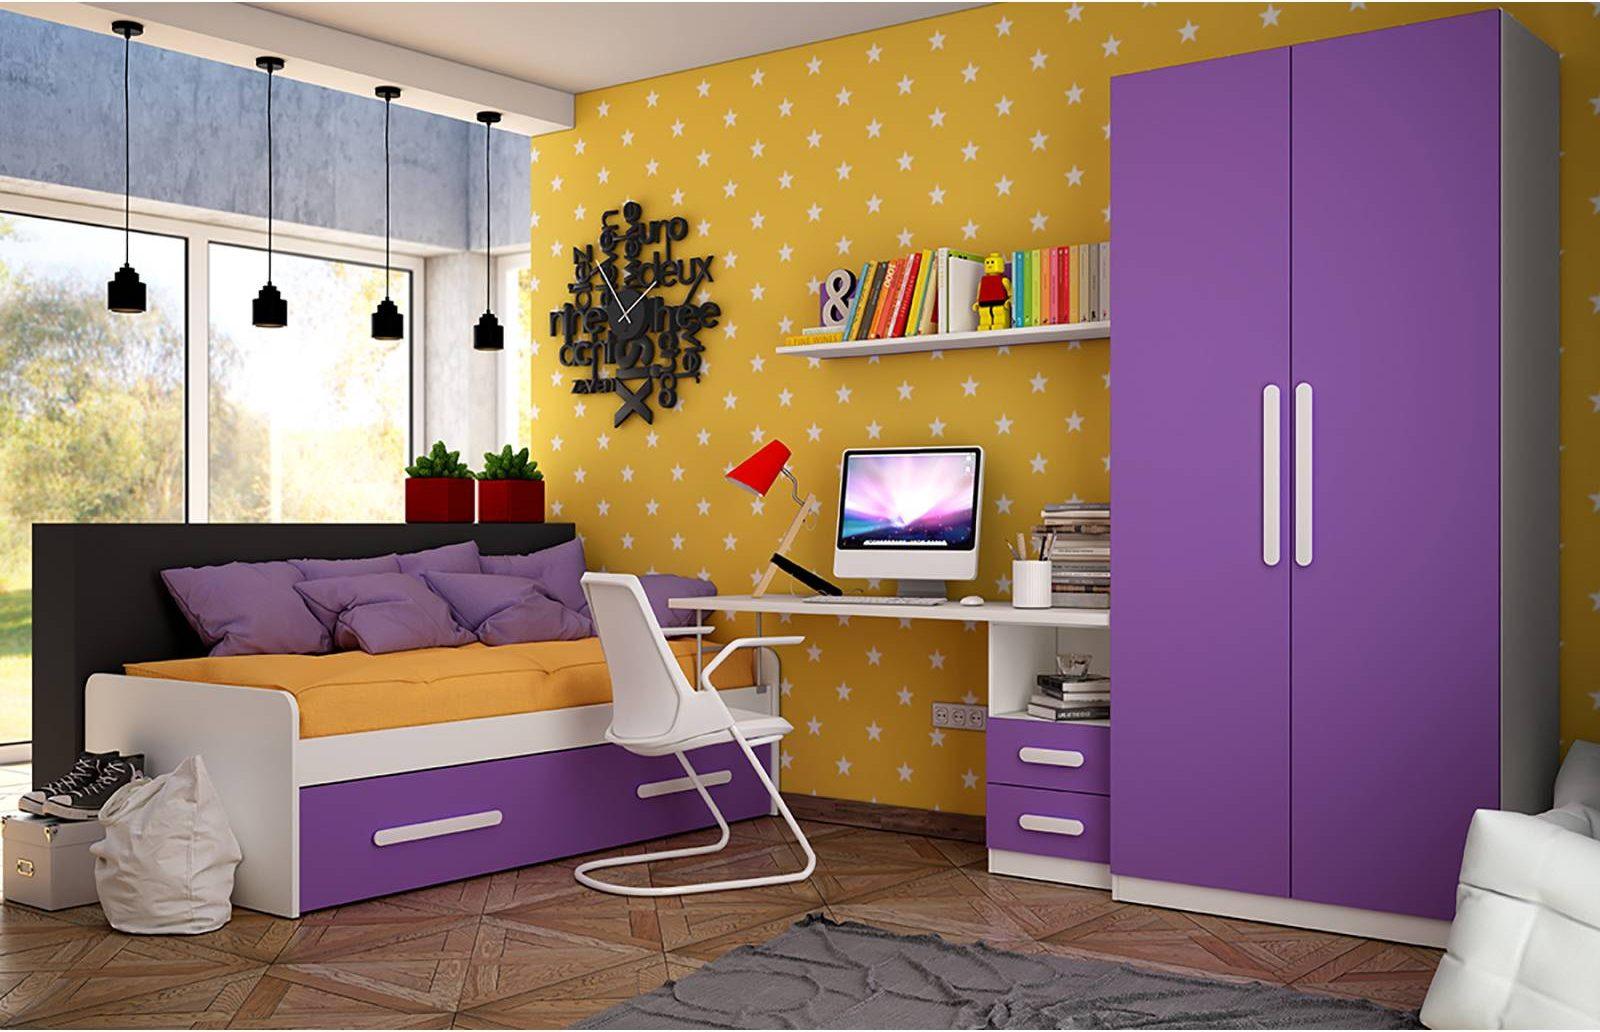 Los 5 mejores dormitorios juveniles con cama nido en merkamueble prodecoracion - Merkamueble camas ...